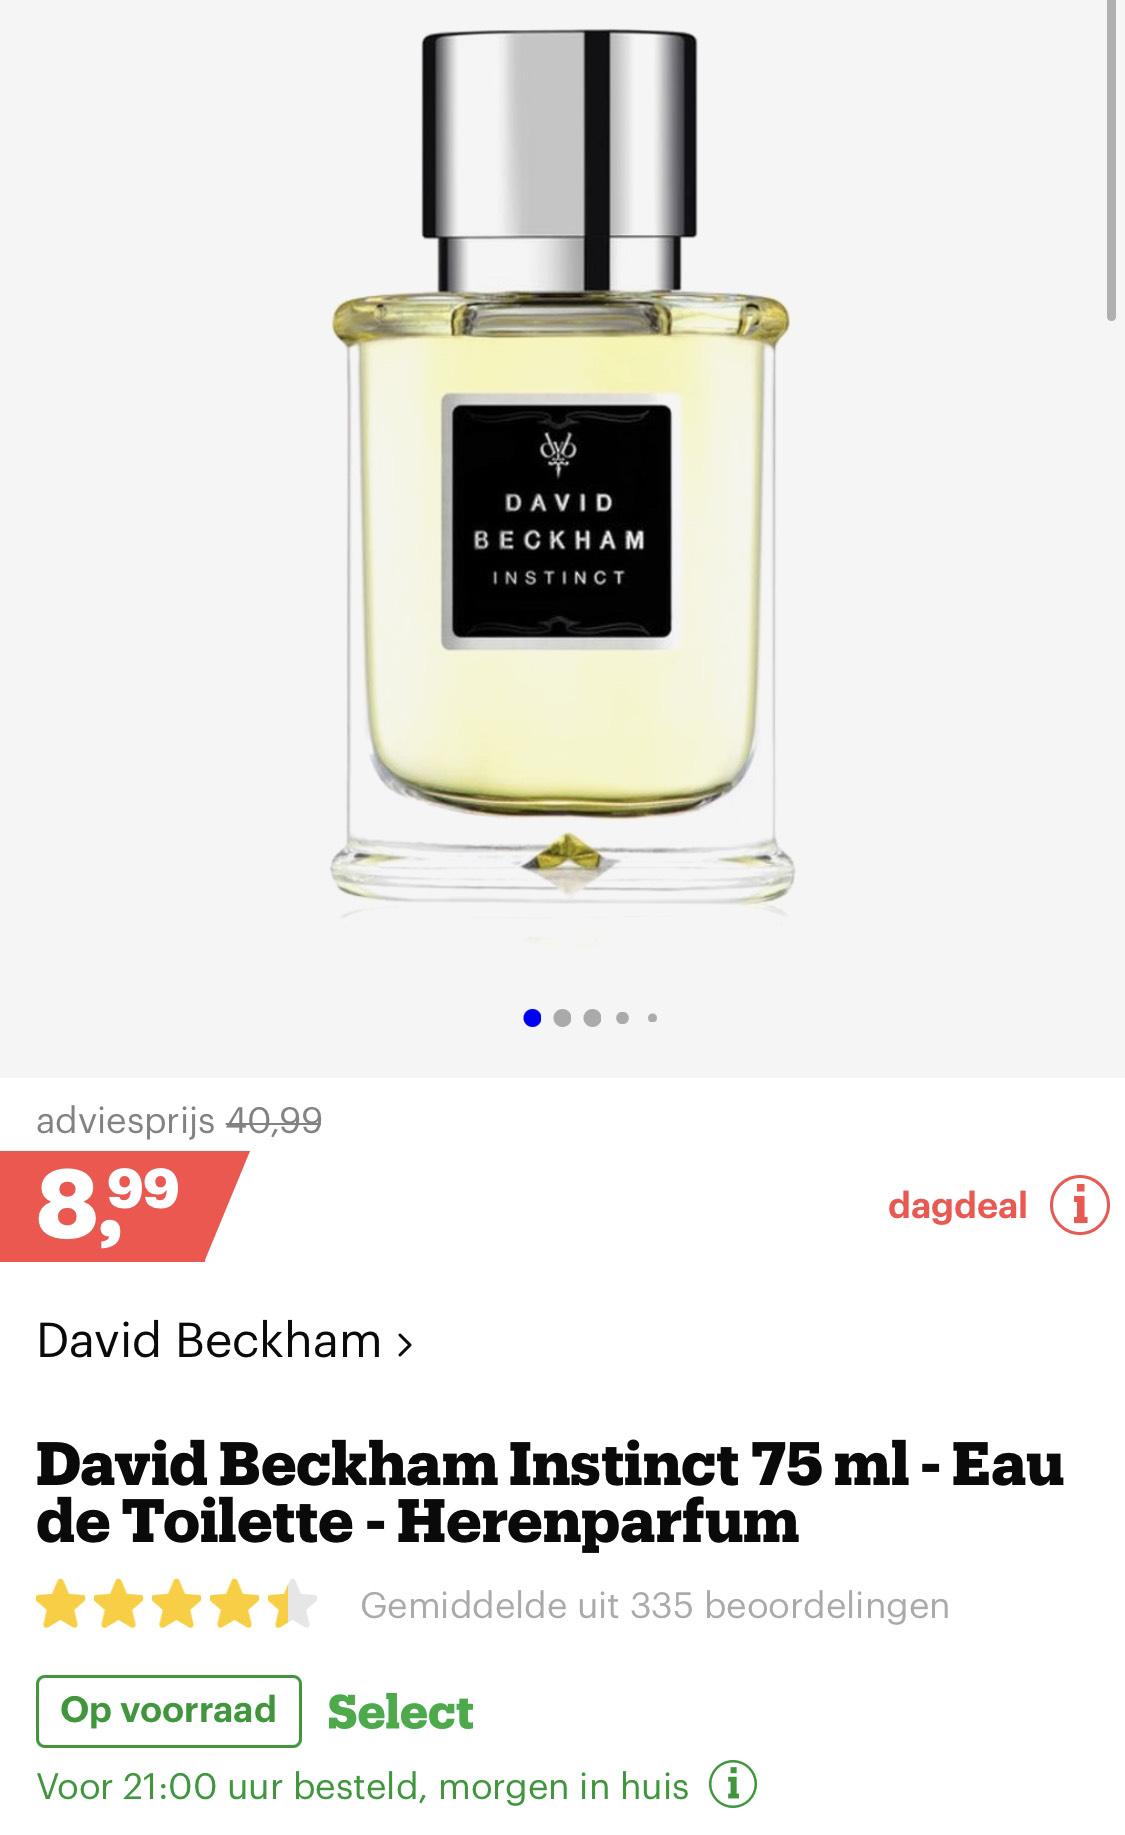 Dagdeal parfum Bol.com David Beckham Instinct 75 ml